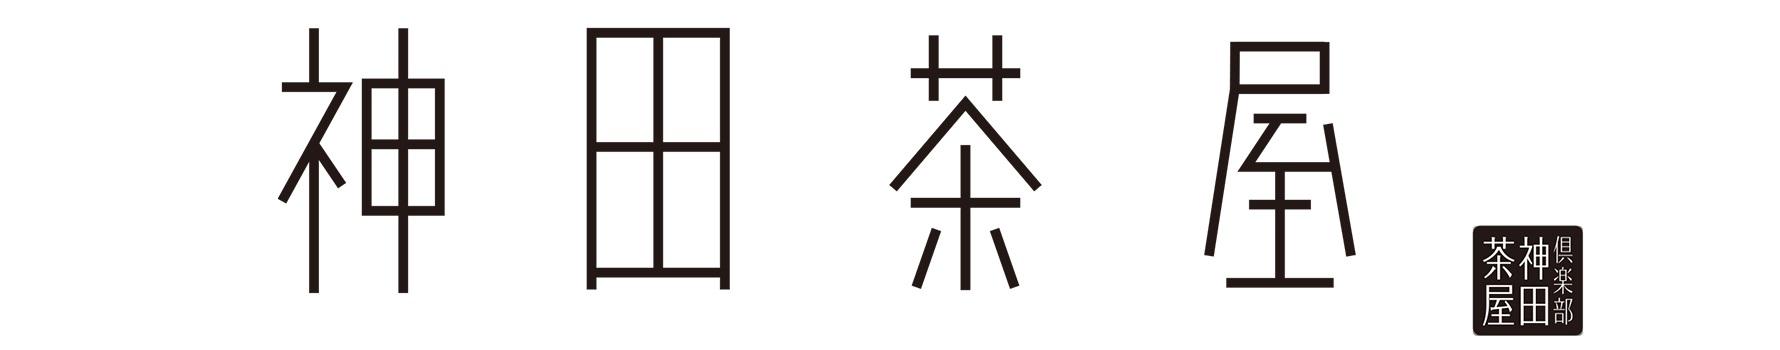 神田茶屋【カンダチャヤ】(神田)のロゴ